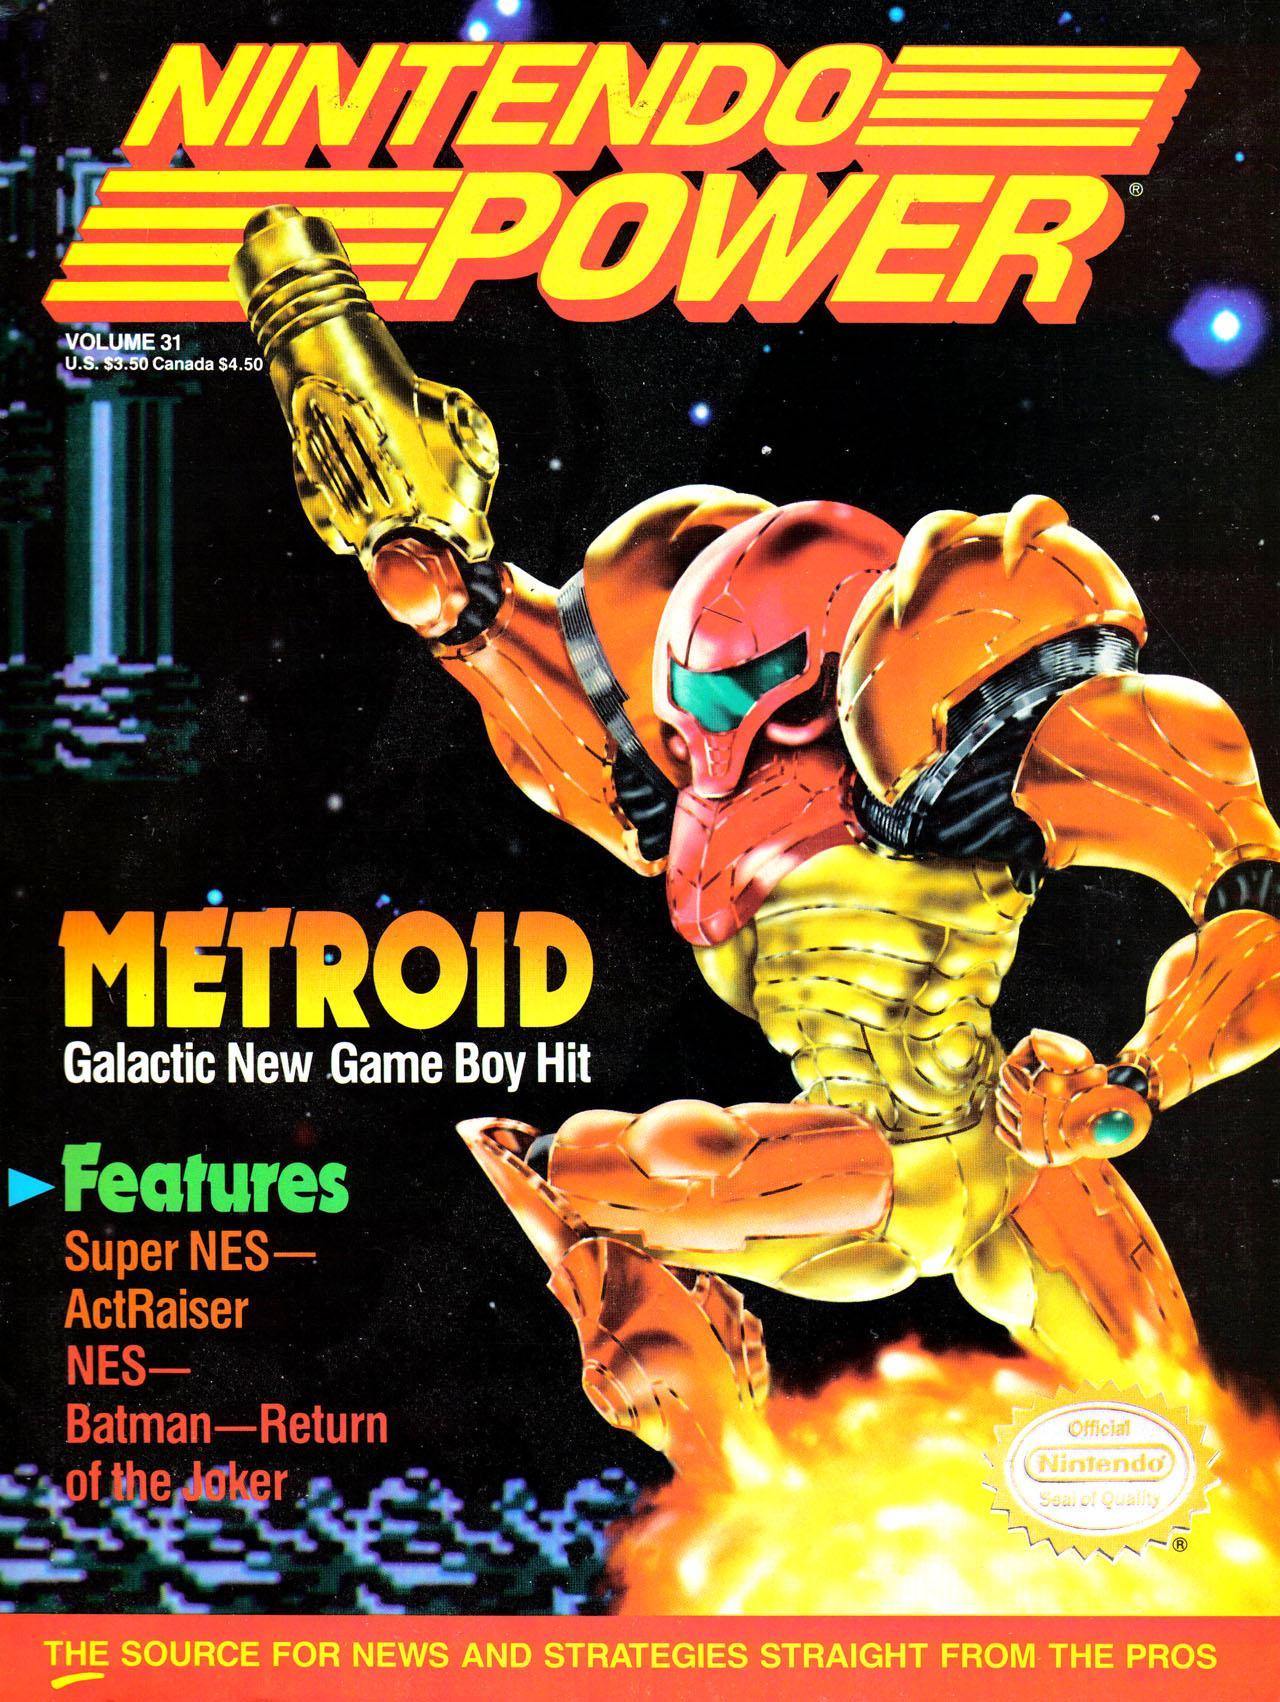 Cover for Nintendo Power 31